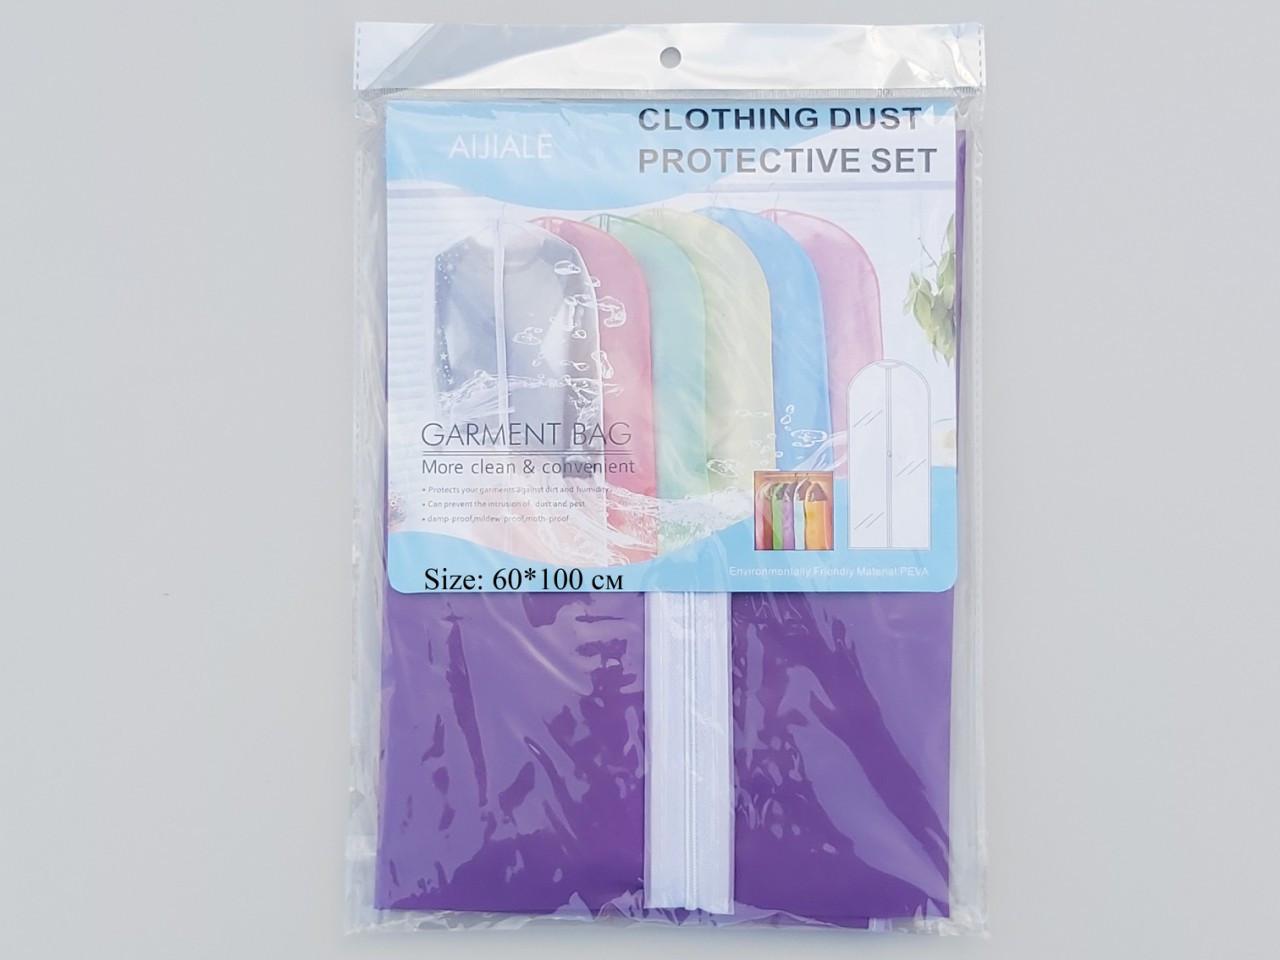 Чехол для хранения одежды из плащевки фиолетового цвета, размер 60*100 см